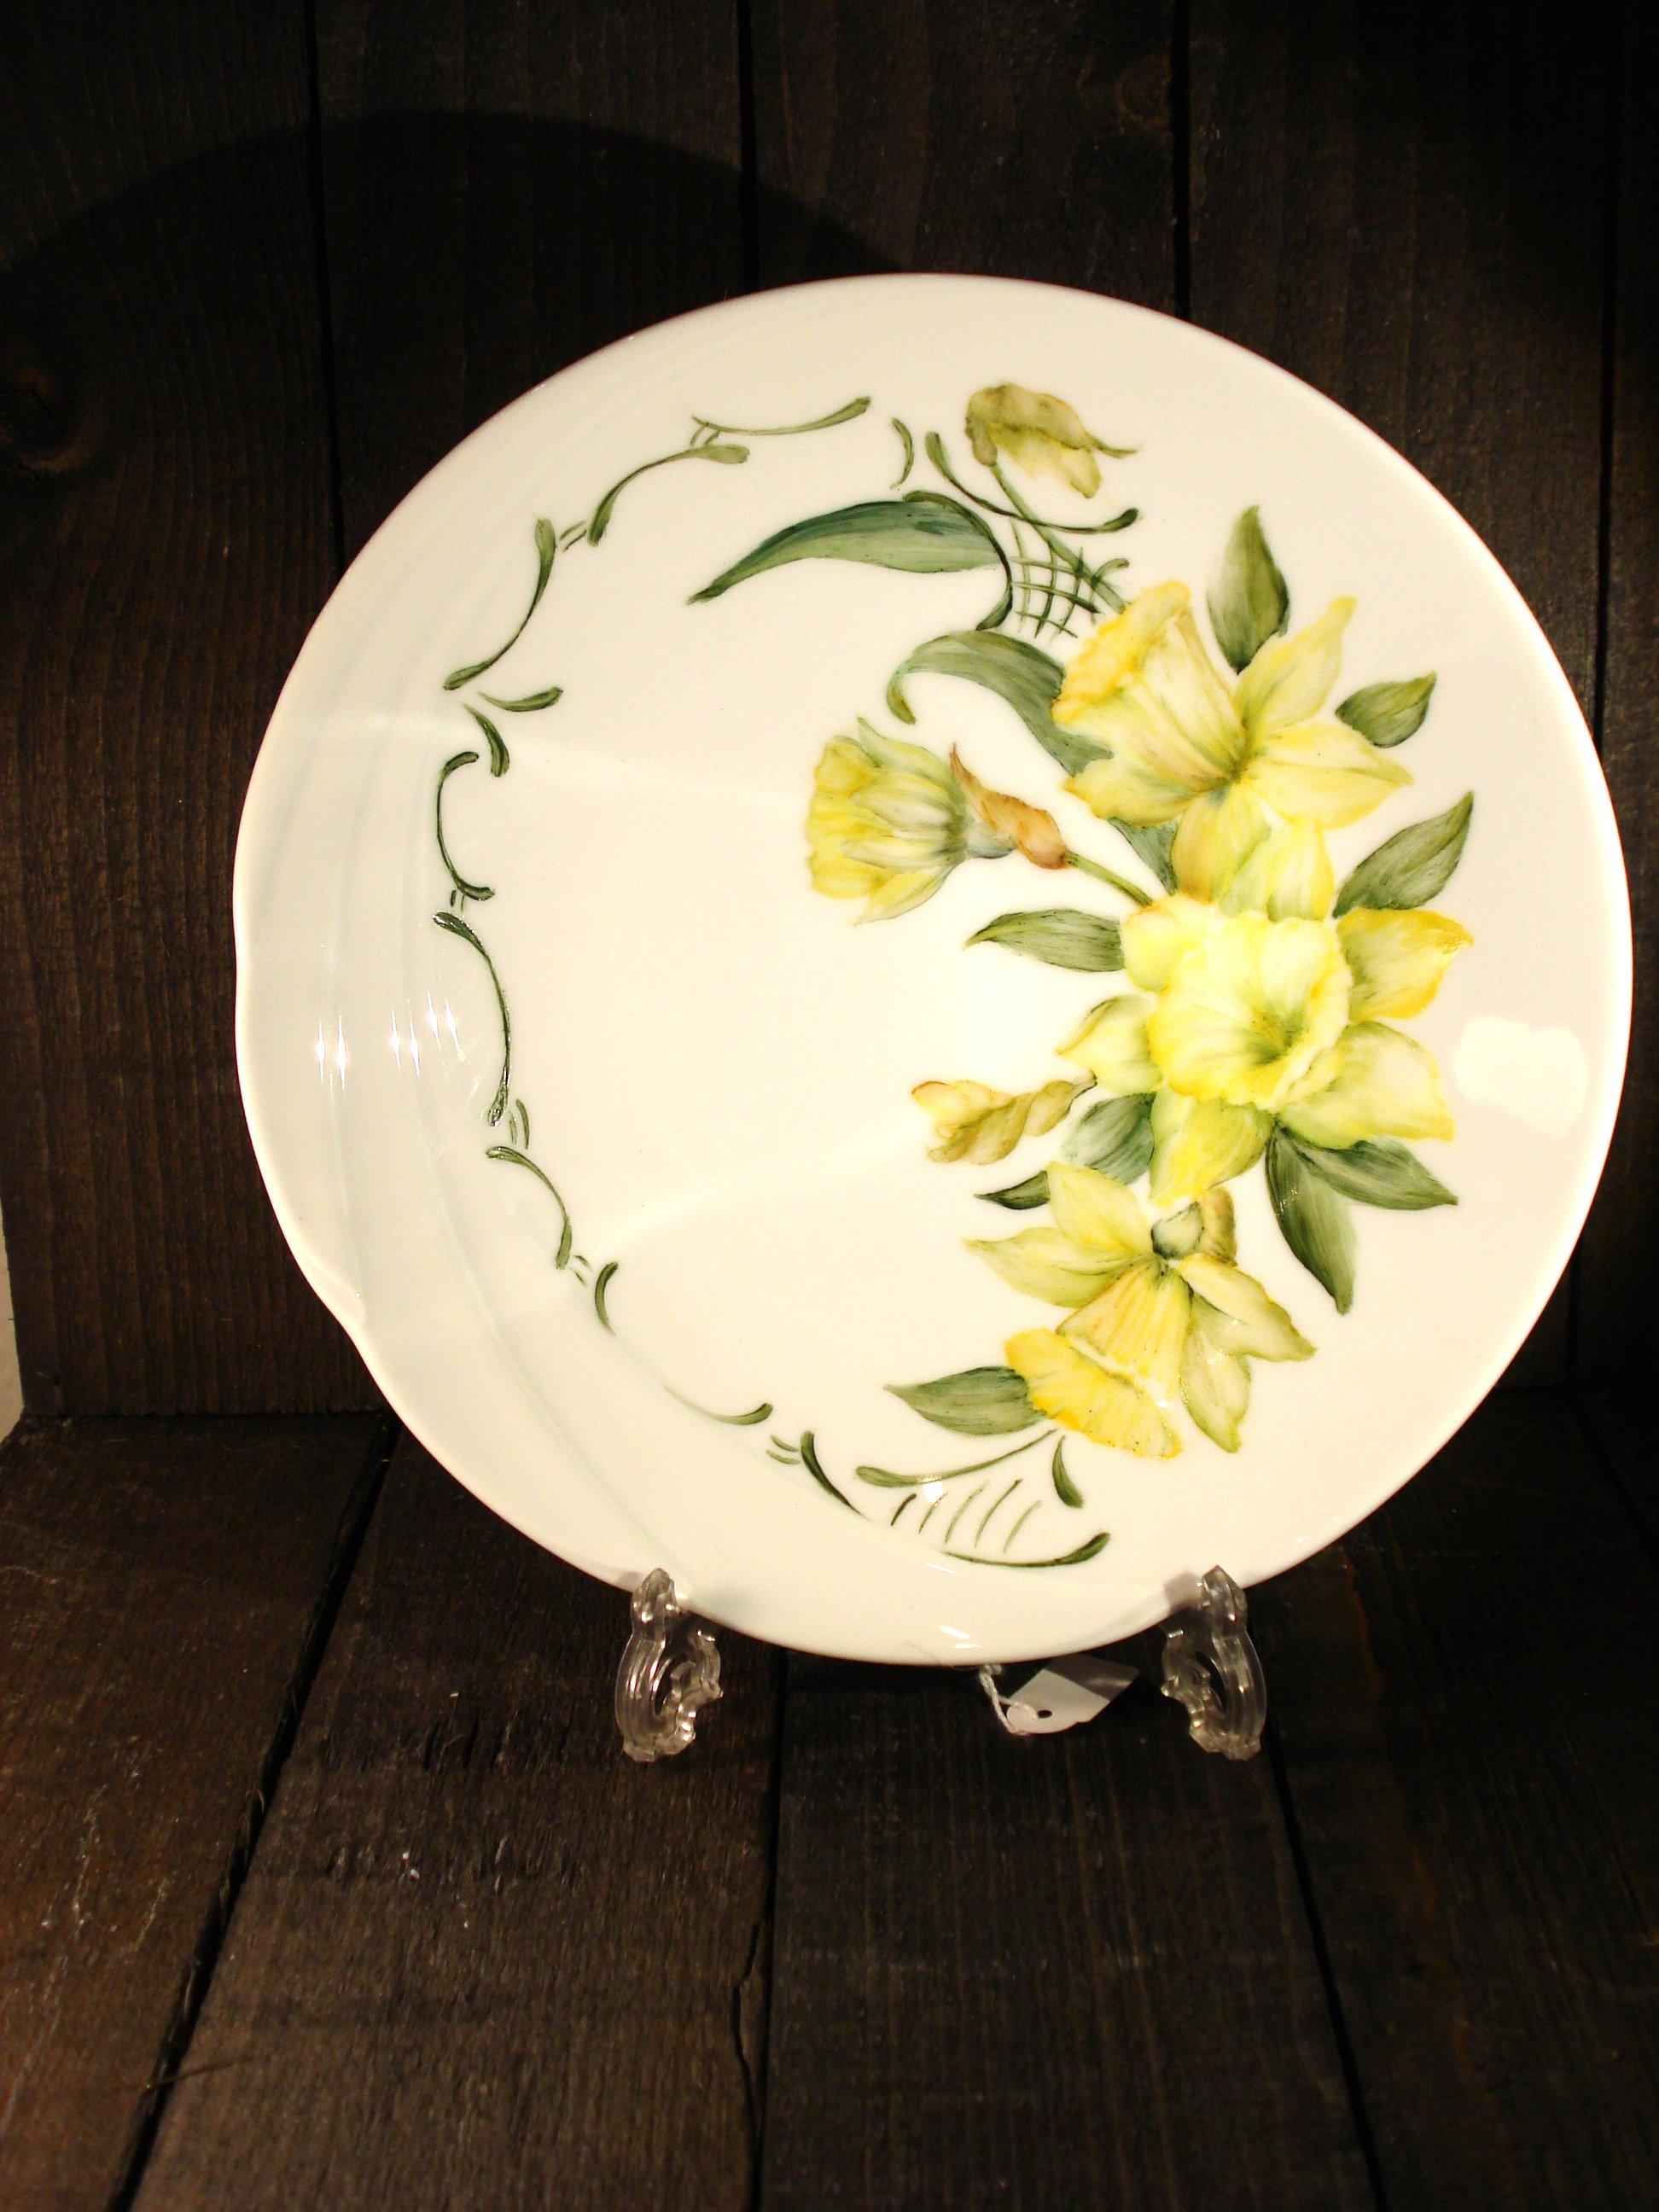 Forårs porcelænsfad